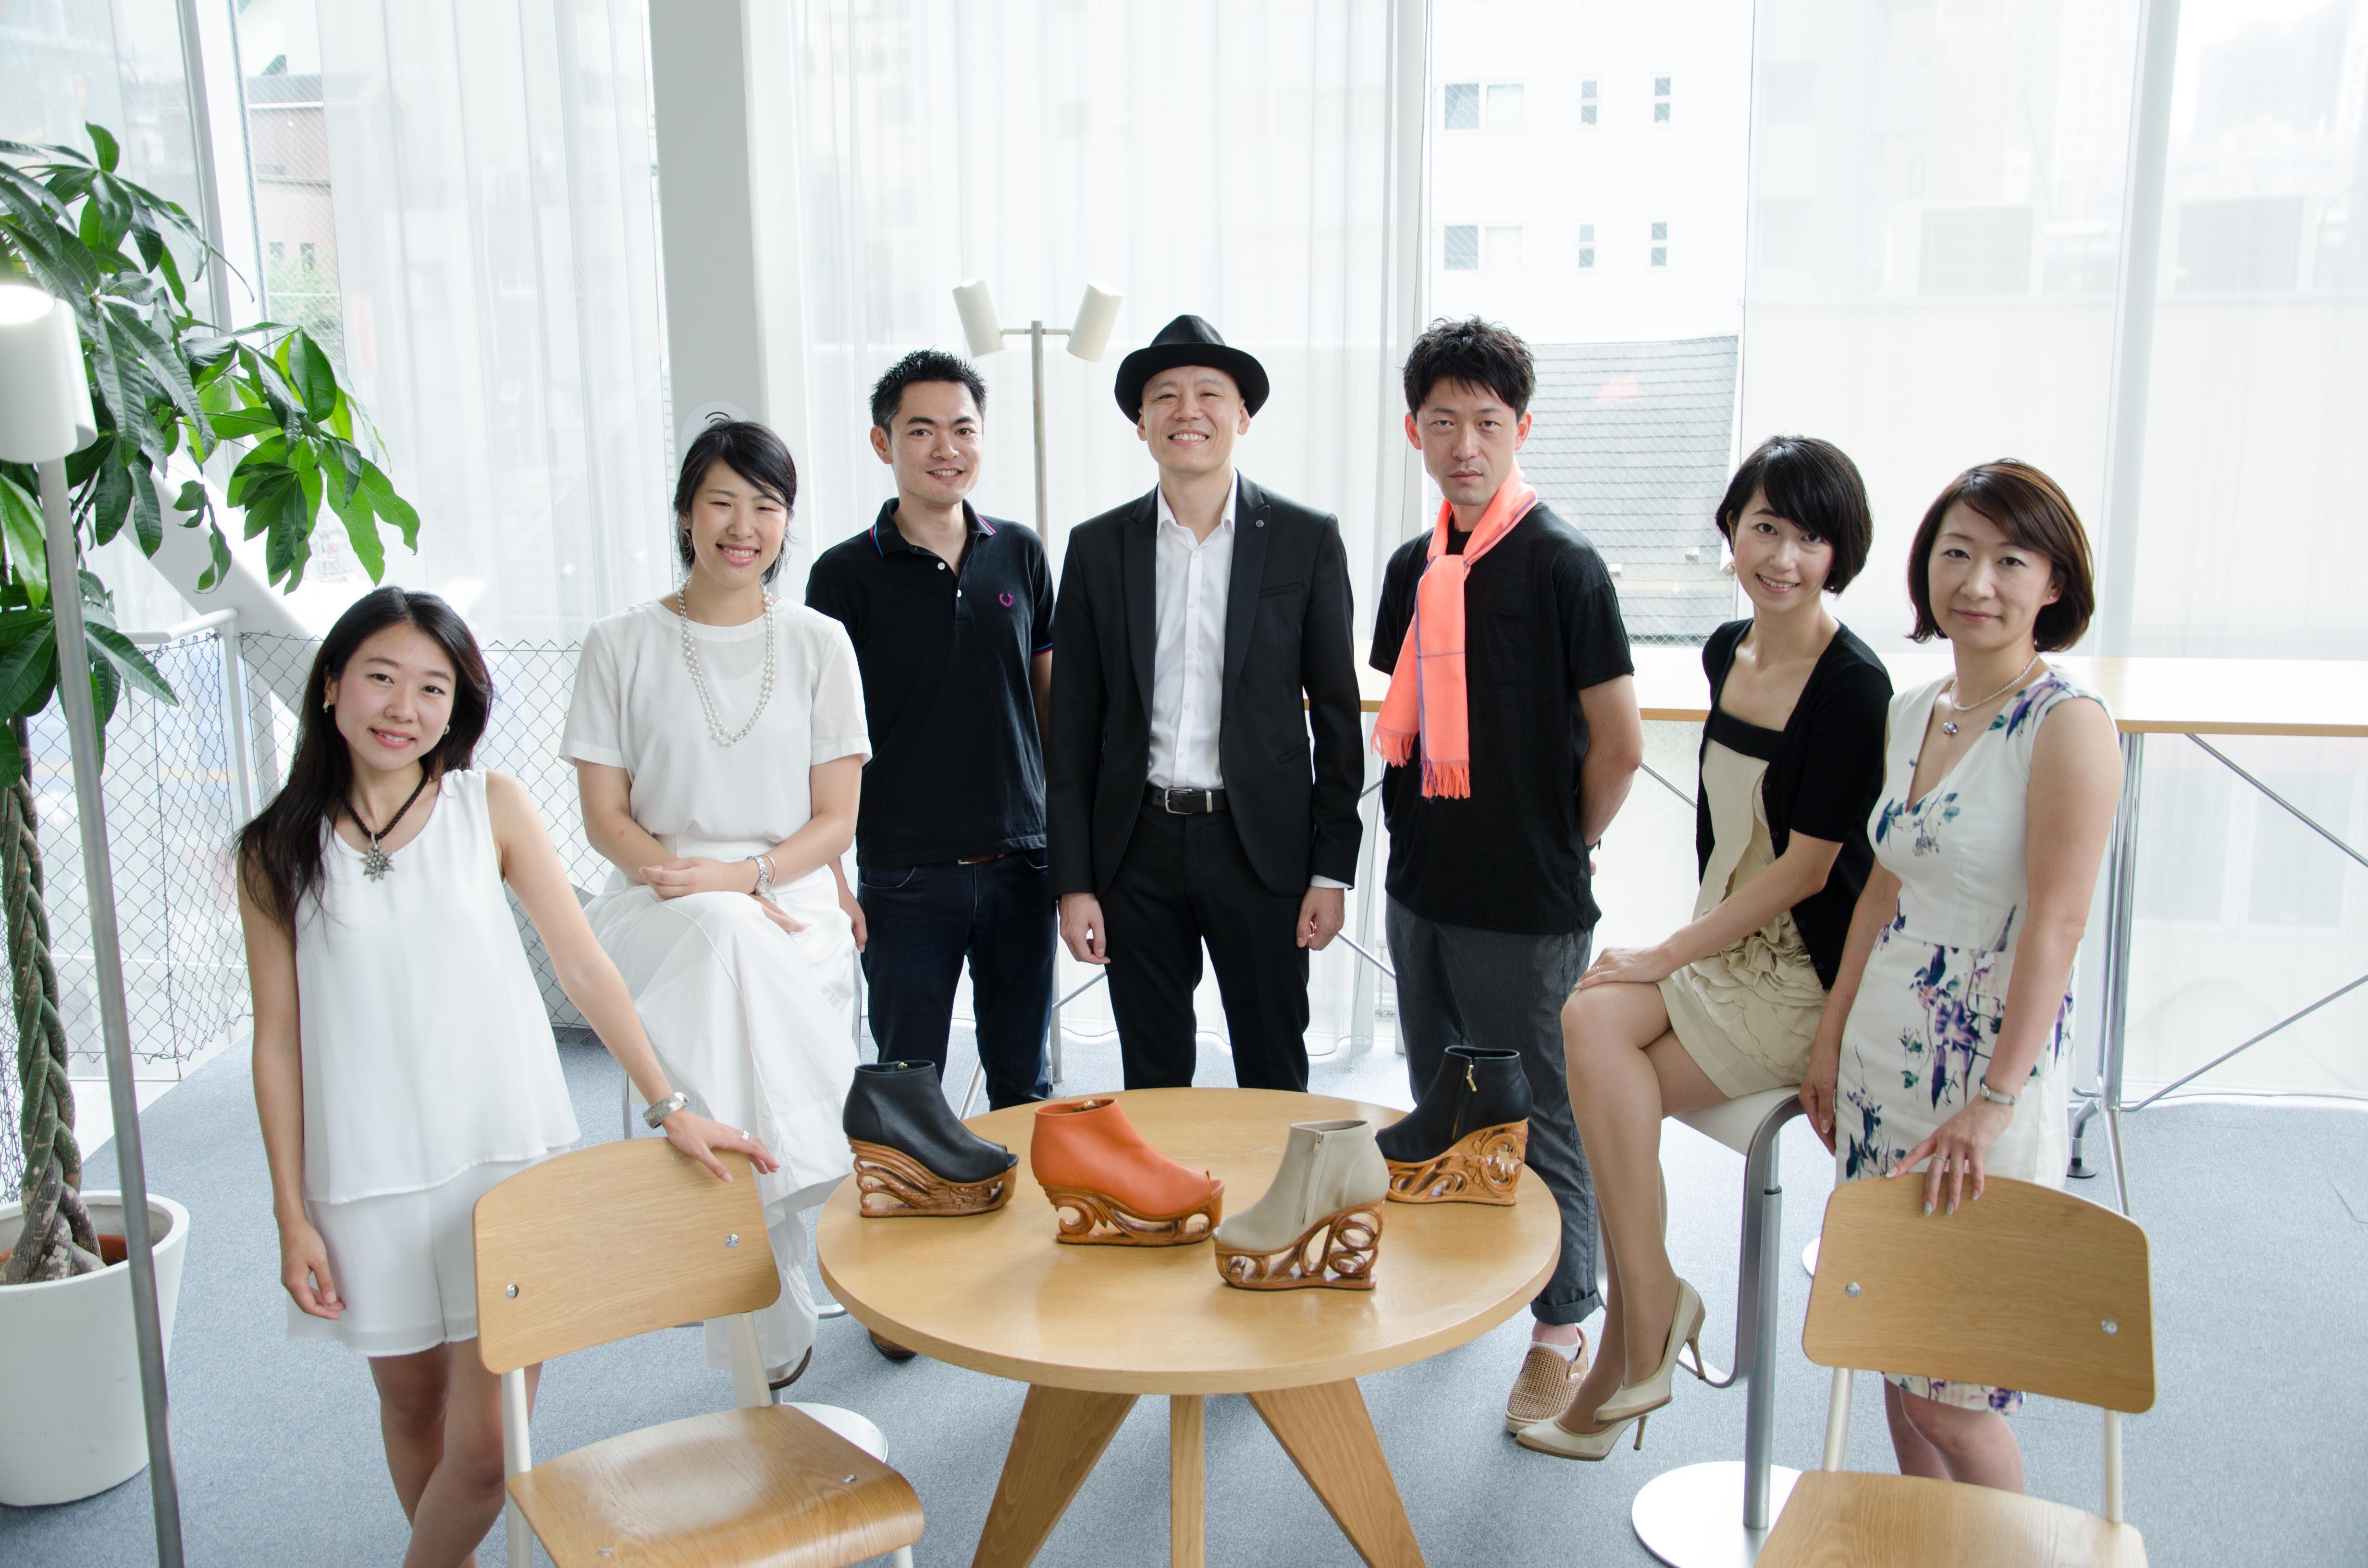 【伝統工芸×ファッション】ベトナムで生まれたハンドメイドシューズの日本先行販売!